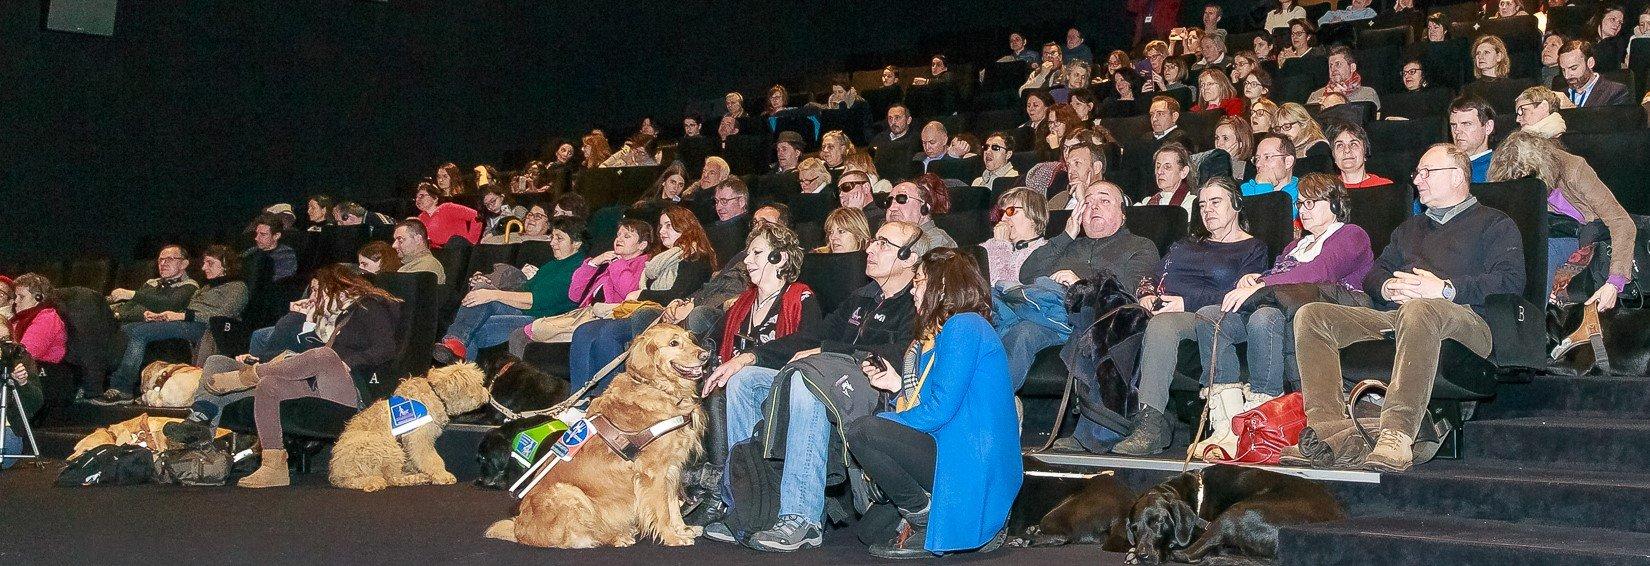 Une séance inédite organisée par Wamiz et Royal Canin !